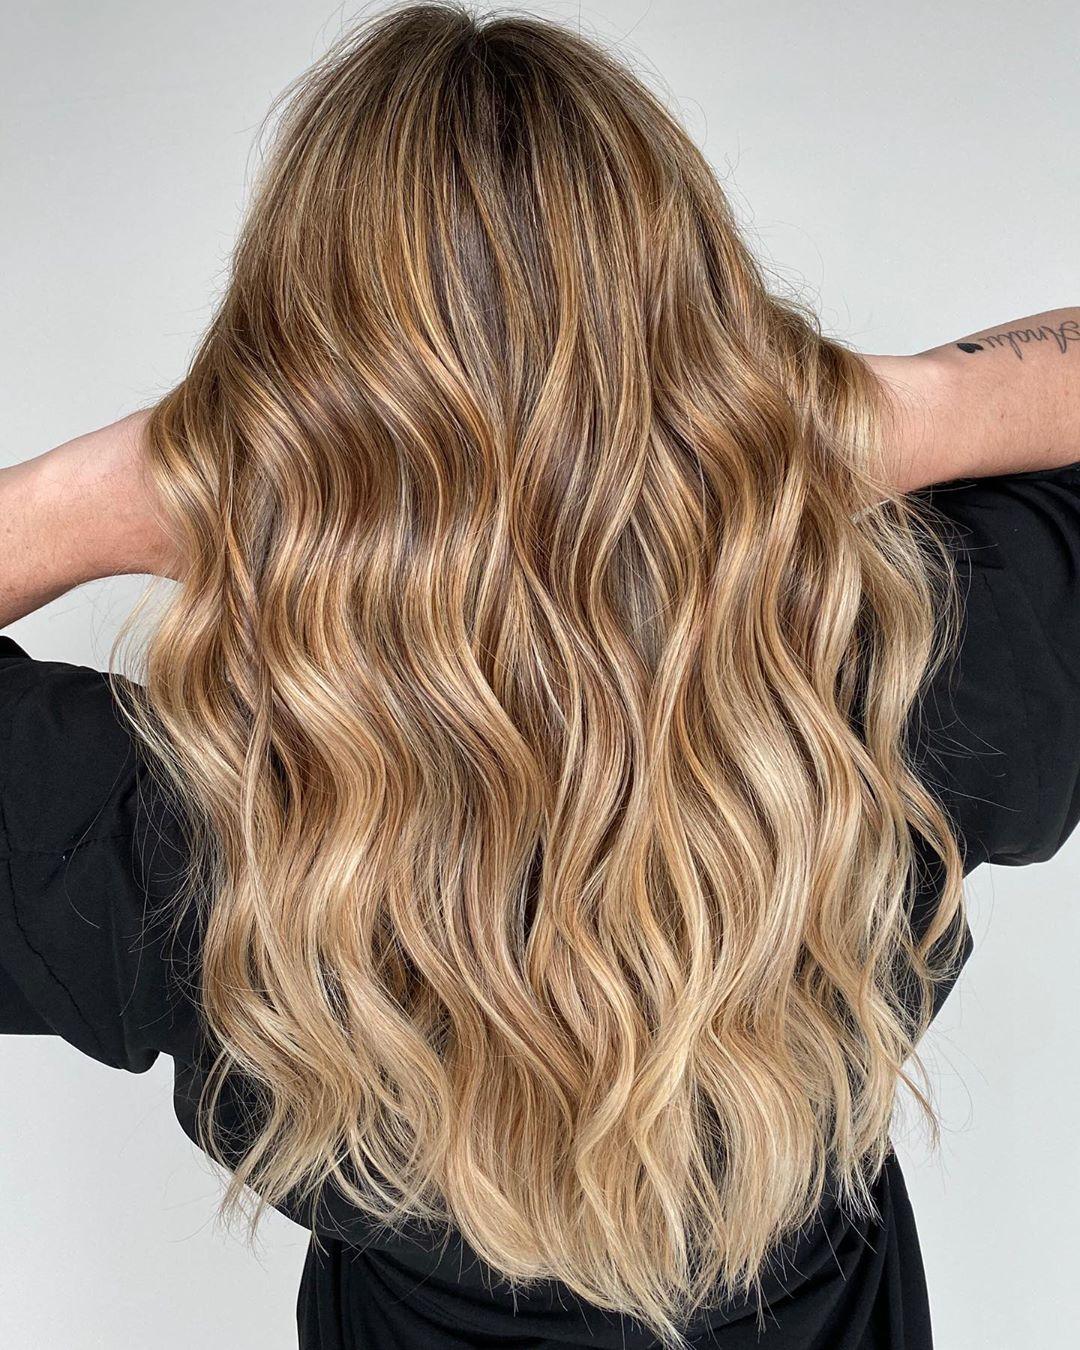 cheveux blond clair avec des reflets caramel